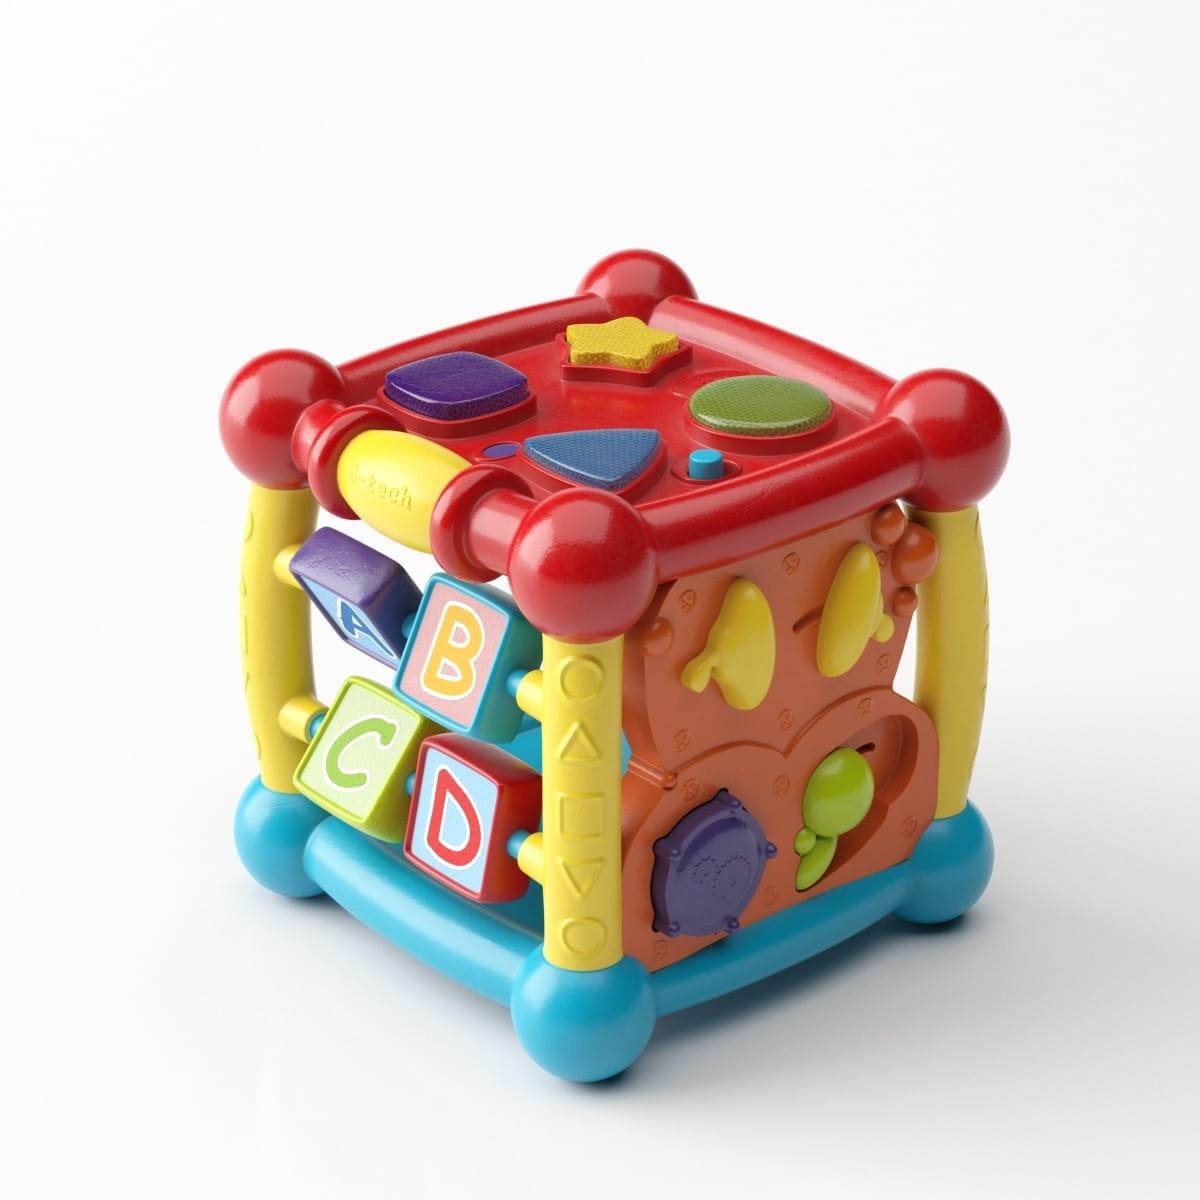 toy 14 AM232 Archmodels